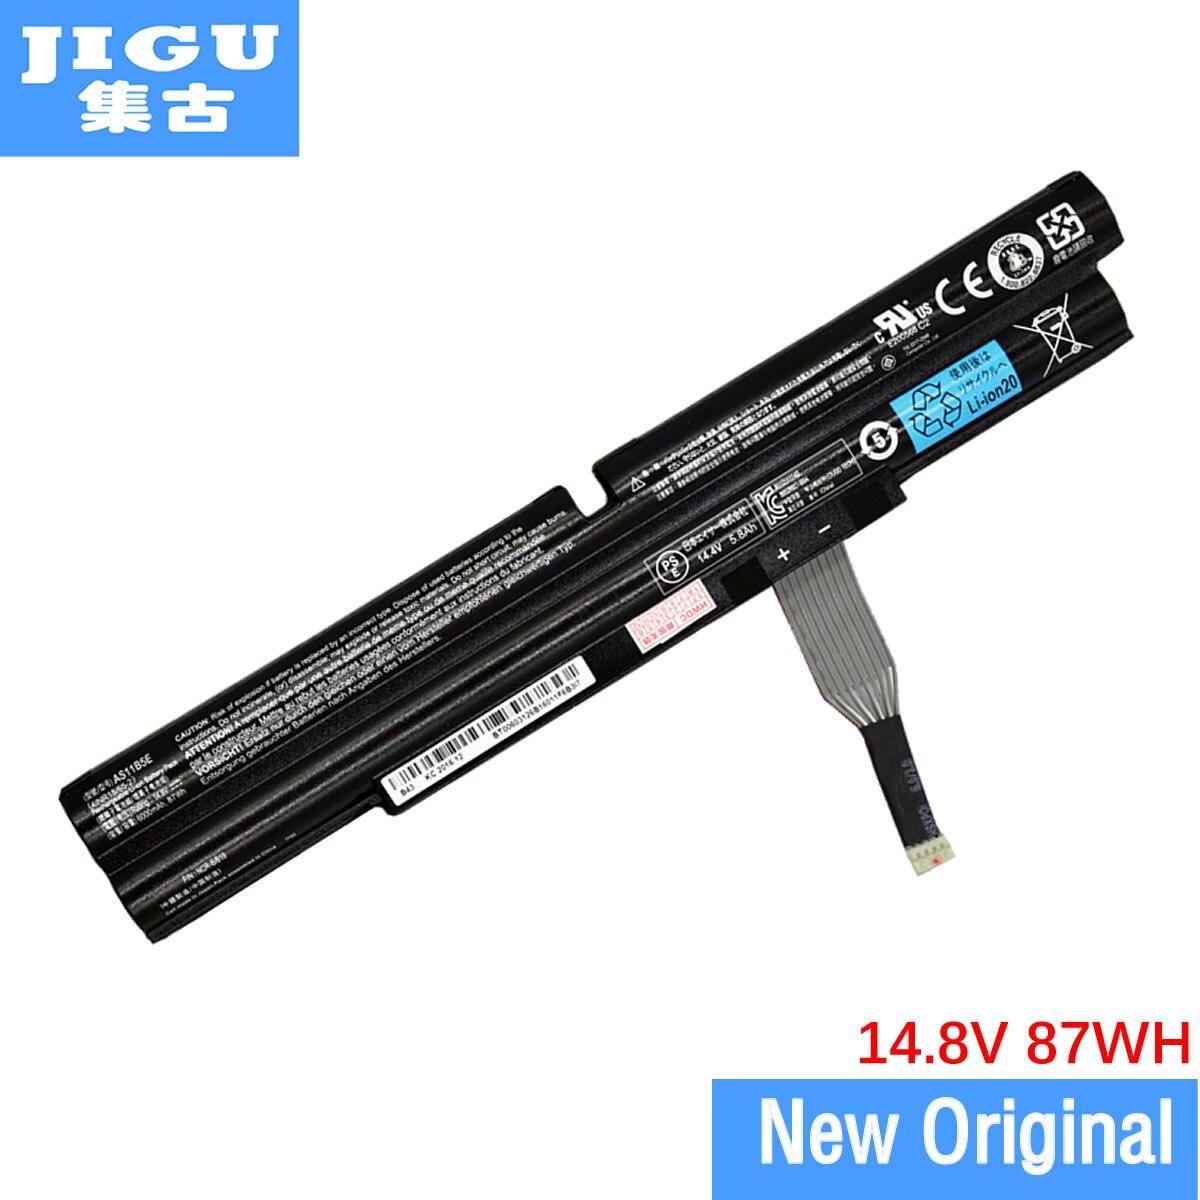 цена на JIGU AS11B5E Original Laptop Battery For Acer For Aspire Ethos 5951 8950 8951 5943G 5951G 8943G 8951G 14.8V 6000MAH 87WH